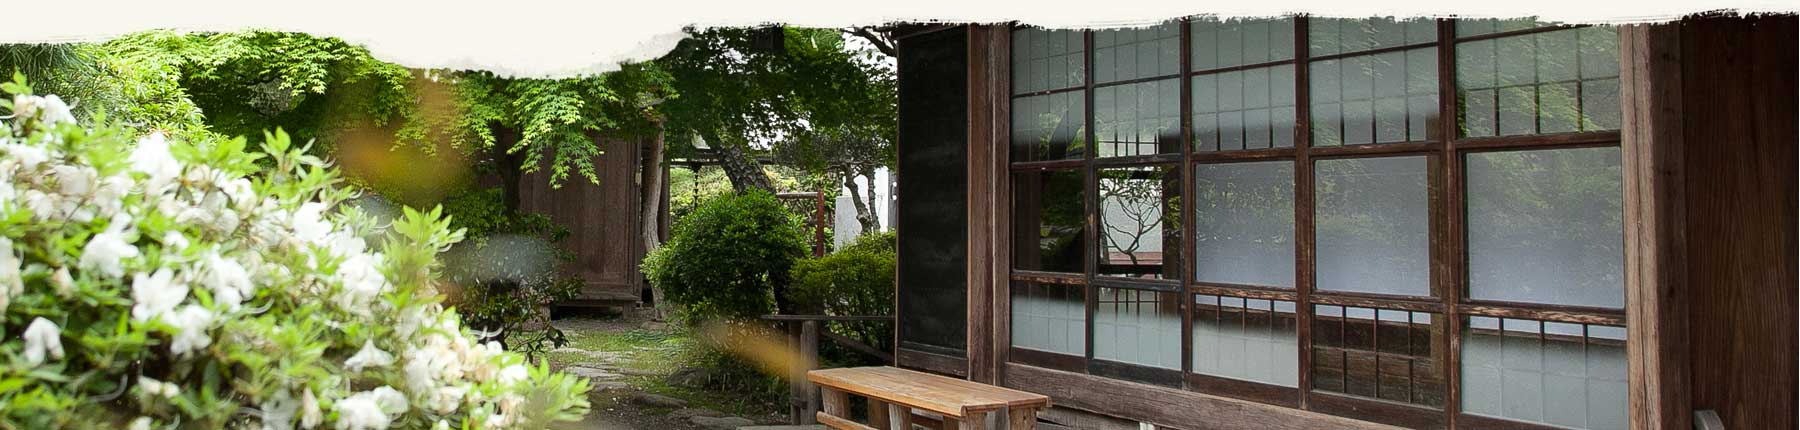 東京日の出 武家屋敷について